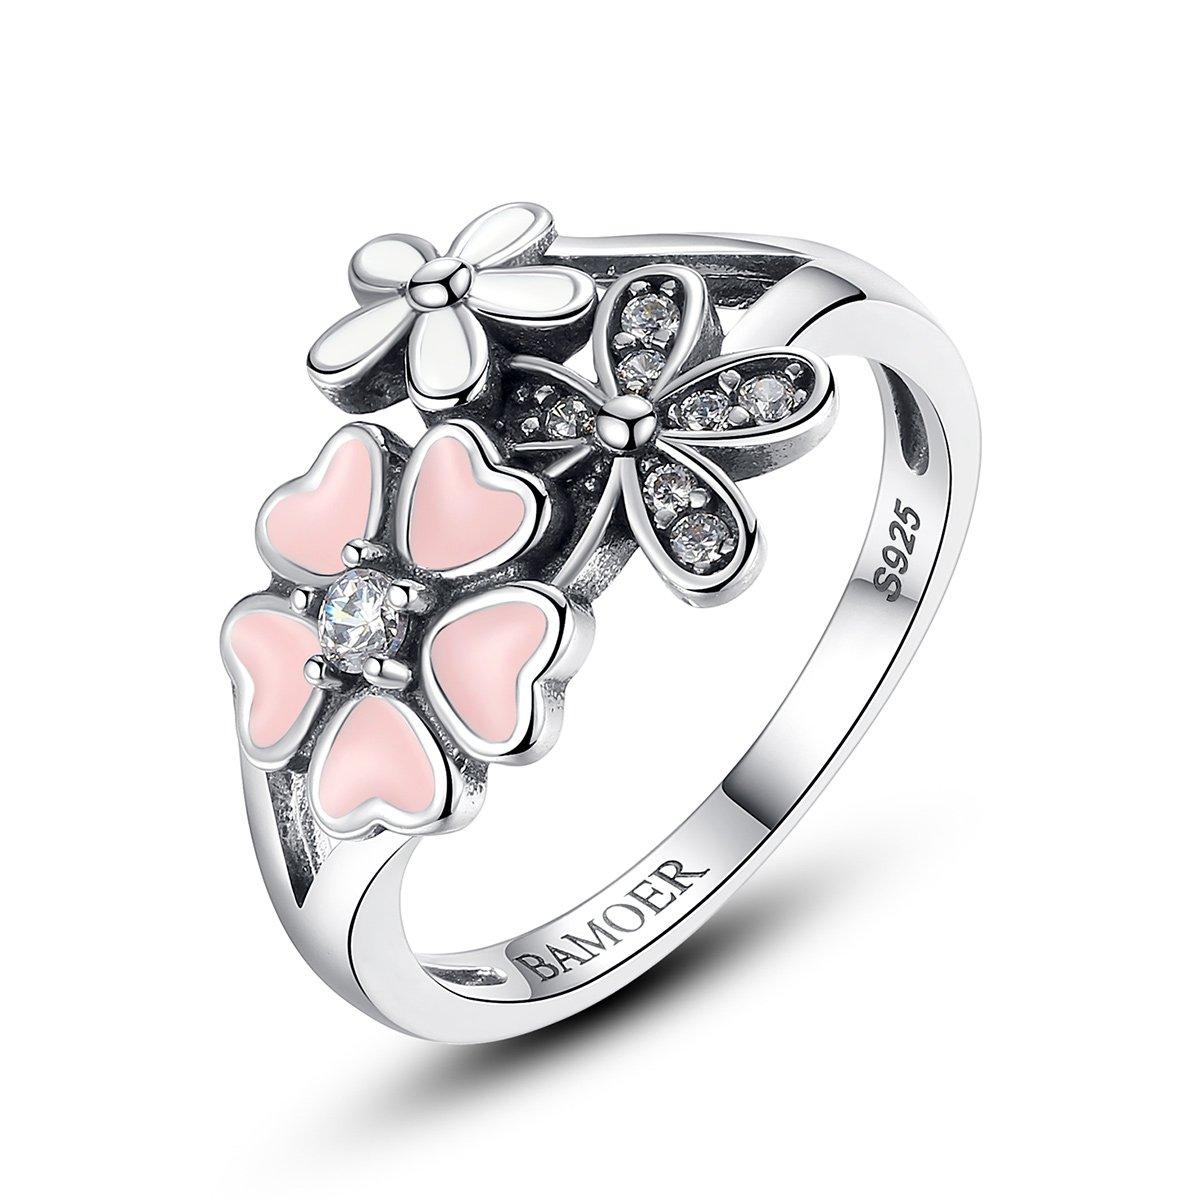 BIGBOBA Anillo de plata creativo con forma de gafas de apertura anillo de compromiso accesorios de joyer/ía de regalo anillo de boda para pareja